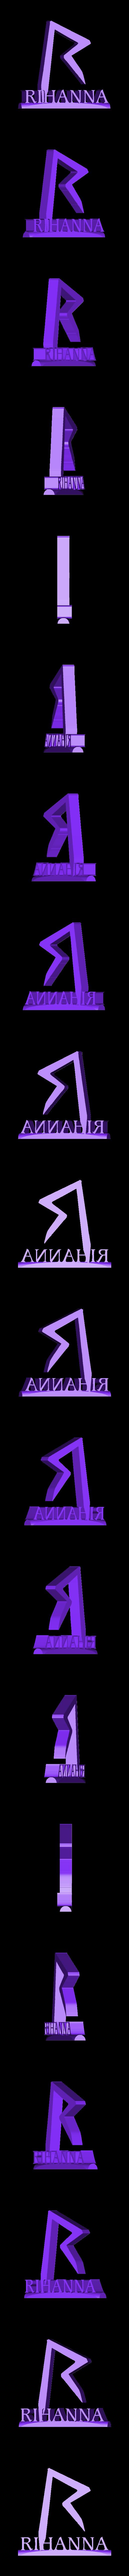 Rihanna_Ornament.stl Télécharger fichier STL gratuit Ornement de Rihanna • Modèle imprimable en 3D, CheesmondN